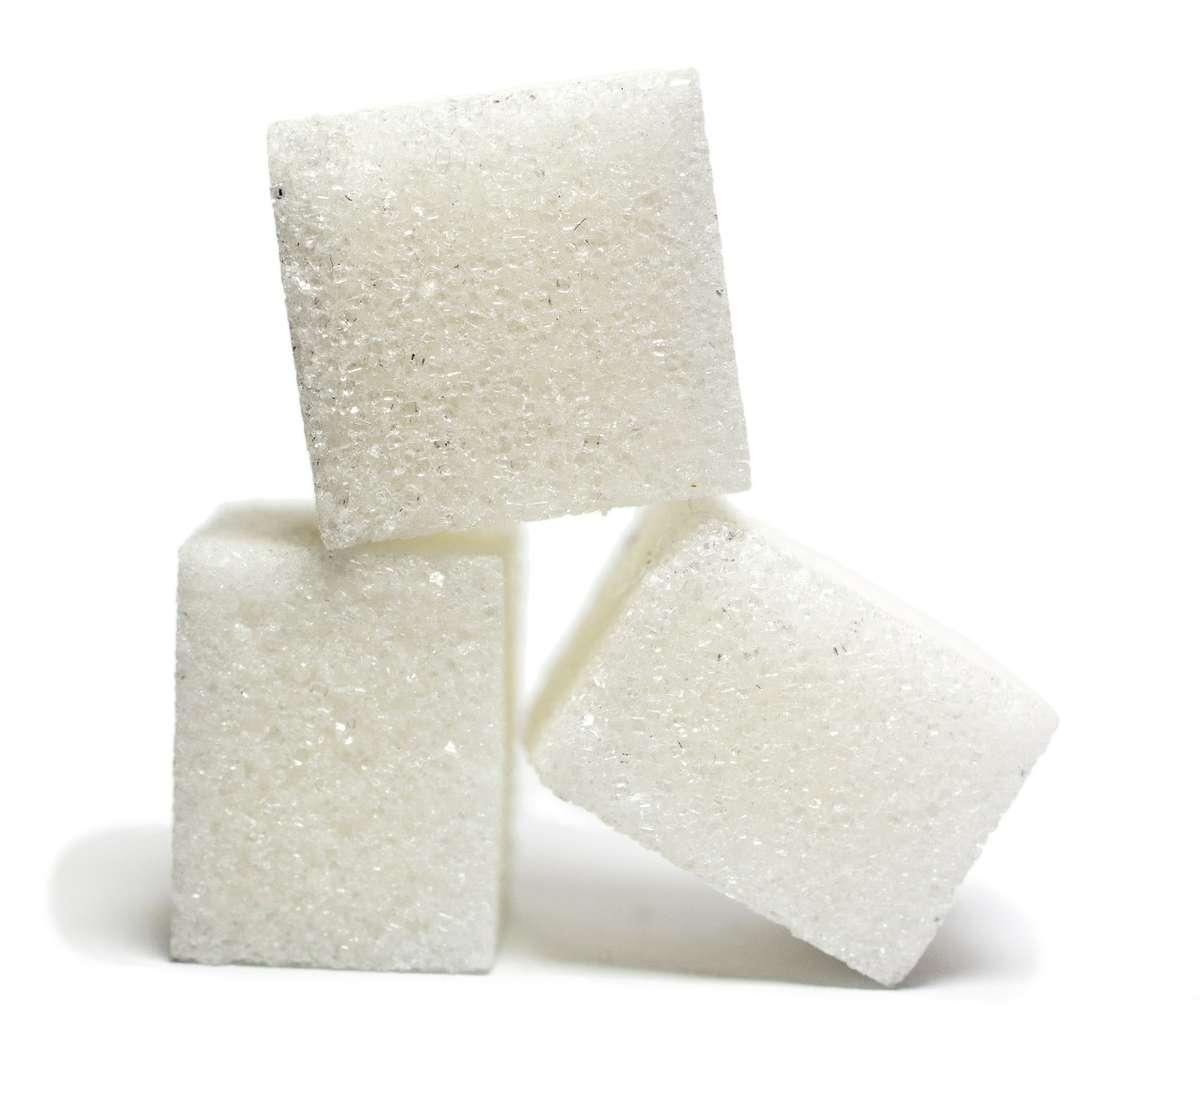 Cukier występuje w chipsach, a jego podwyższony poziom we krwi może być niebezpieczny